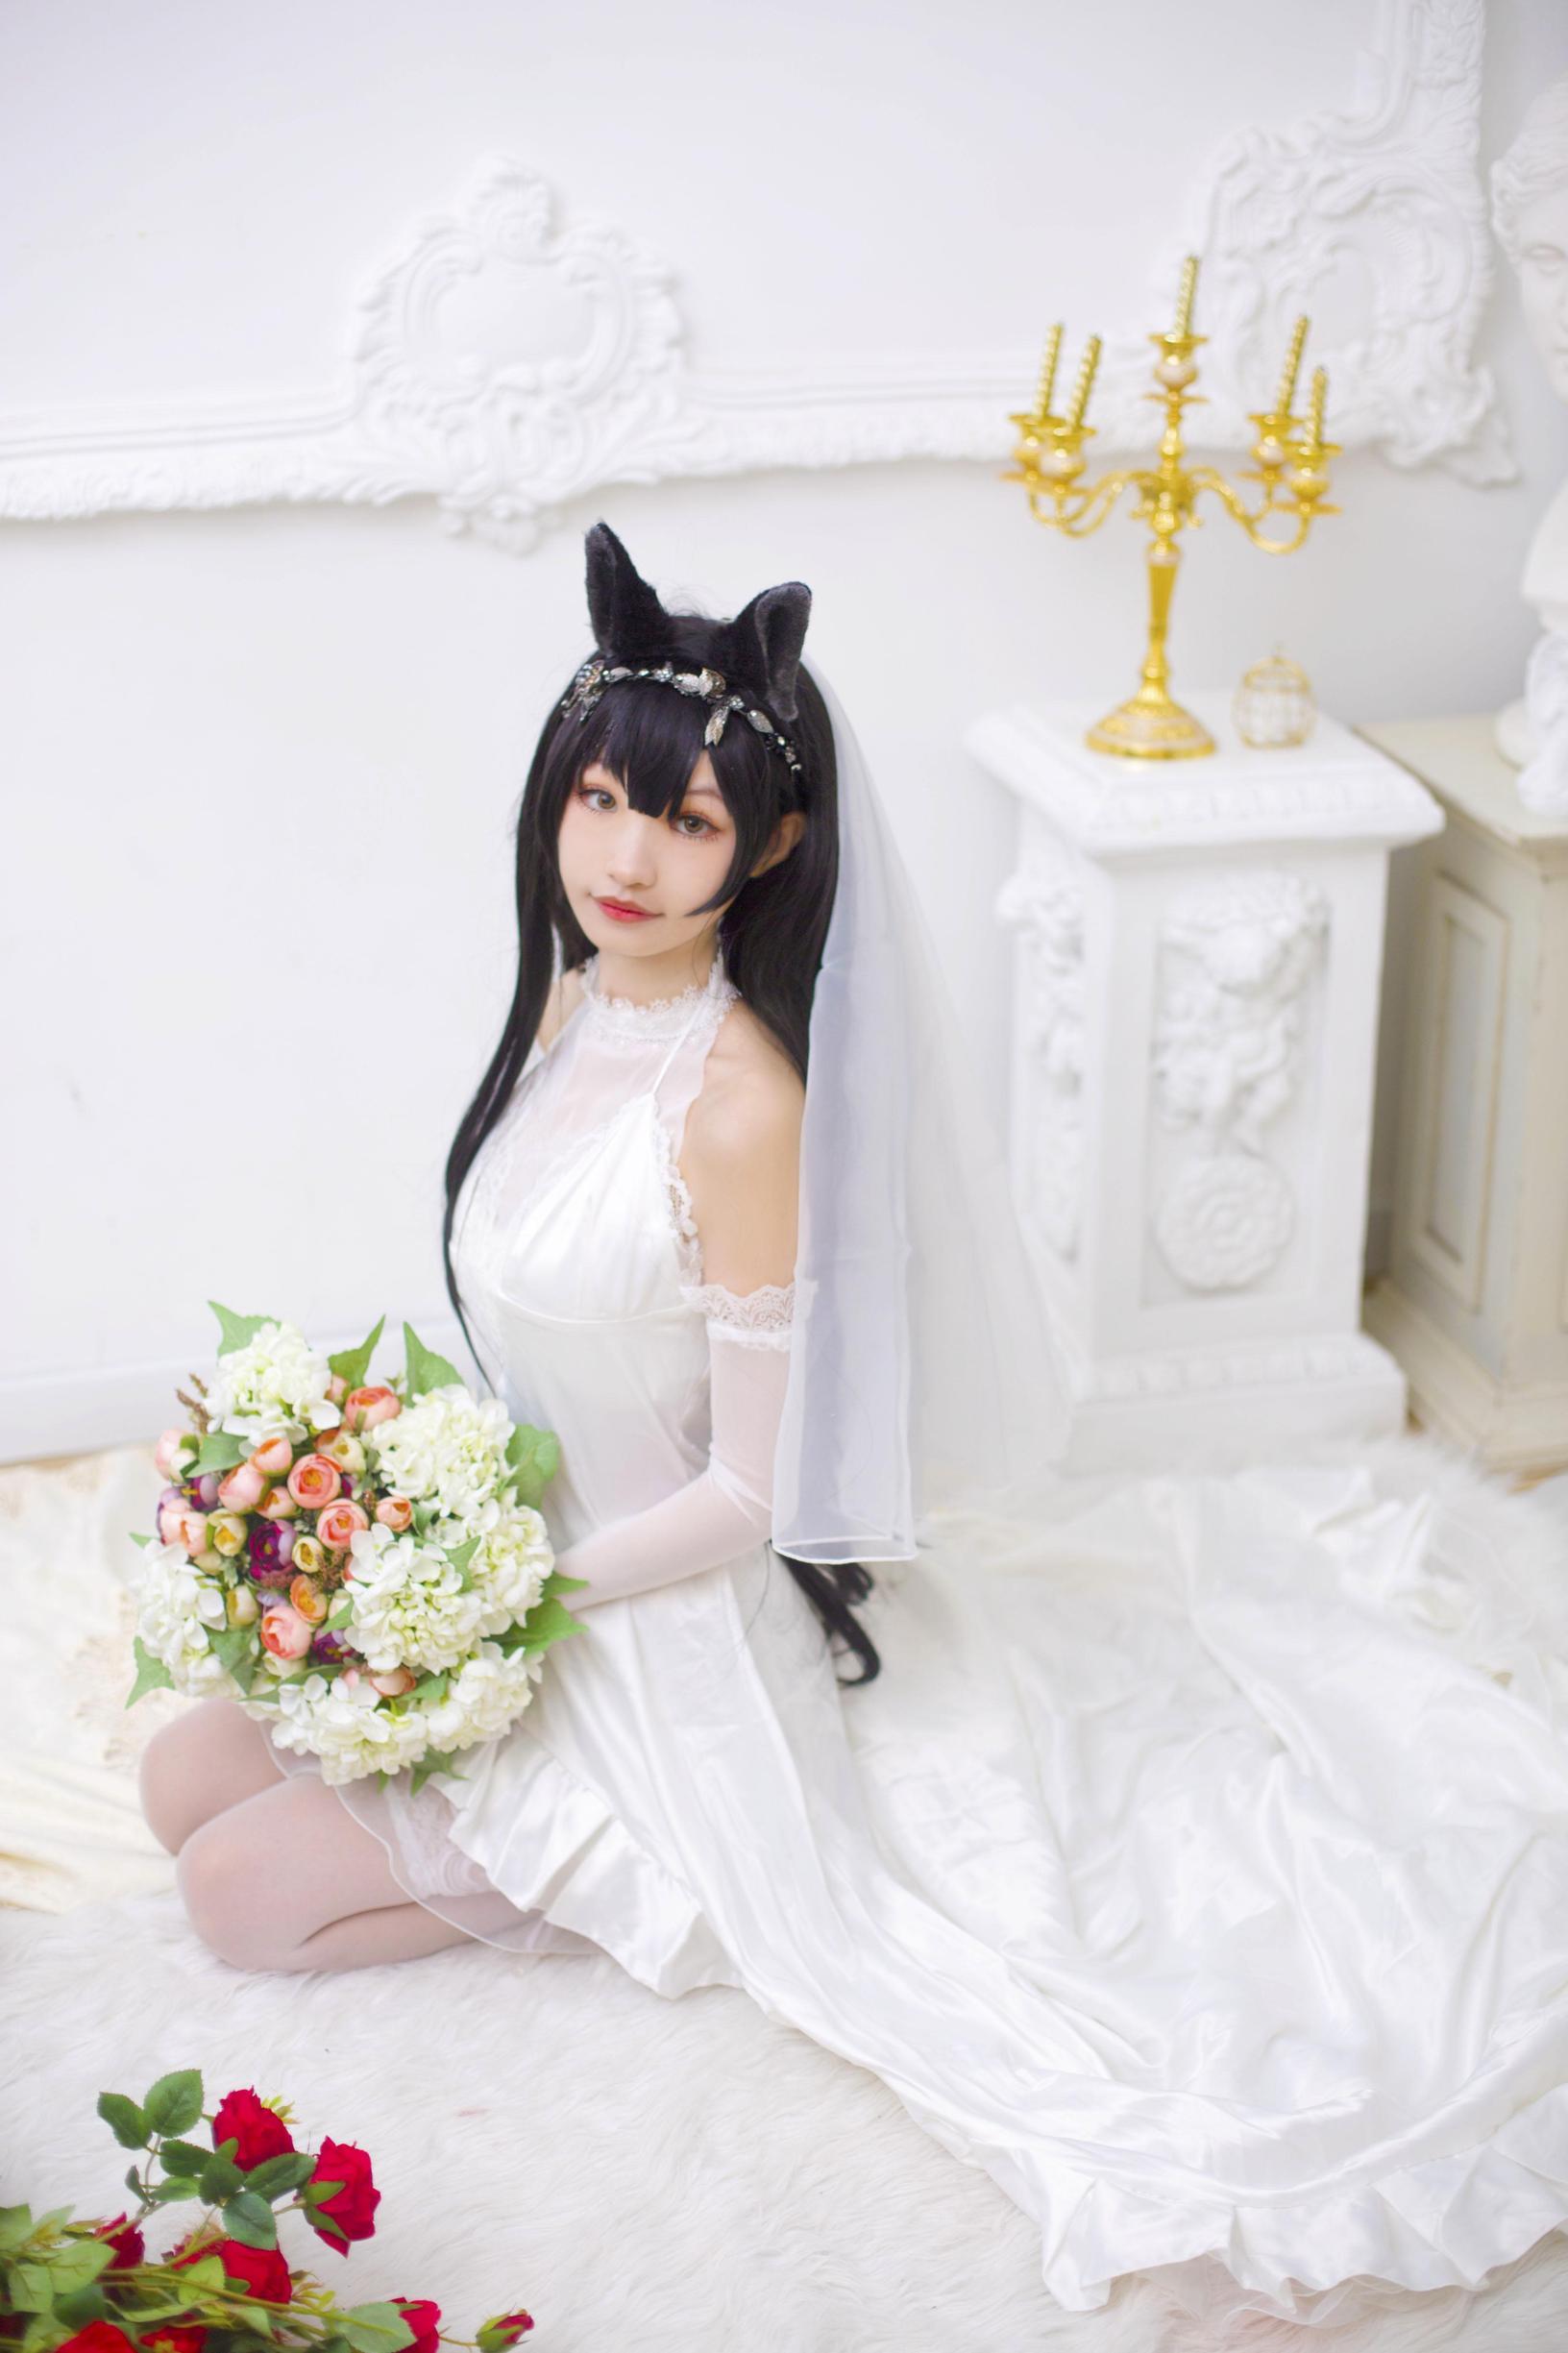 《碧蓝航线》正片cosplay【CN:宇宙不明蓝樱音w】-第14张